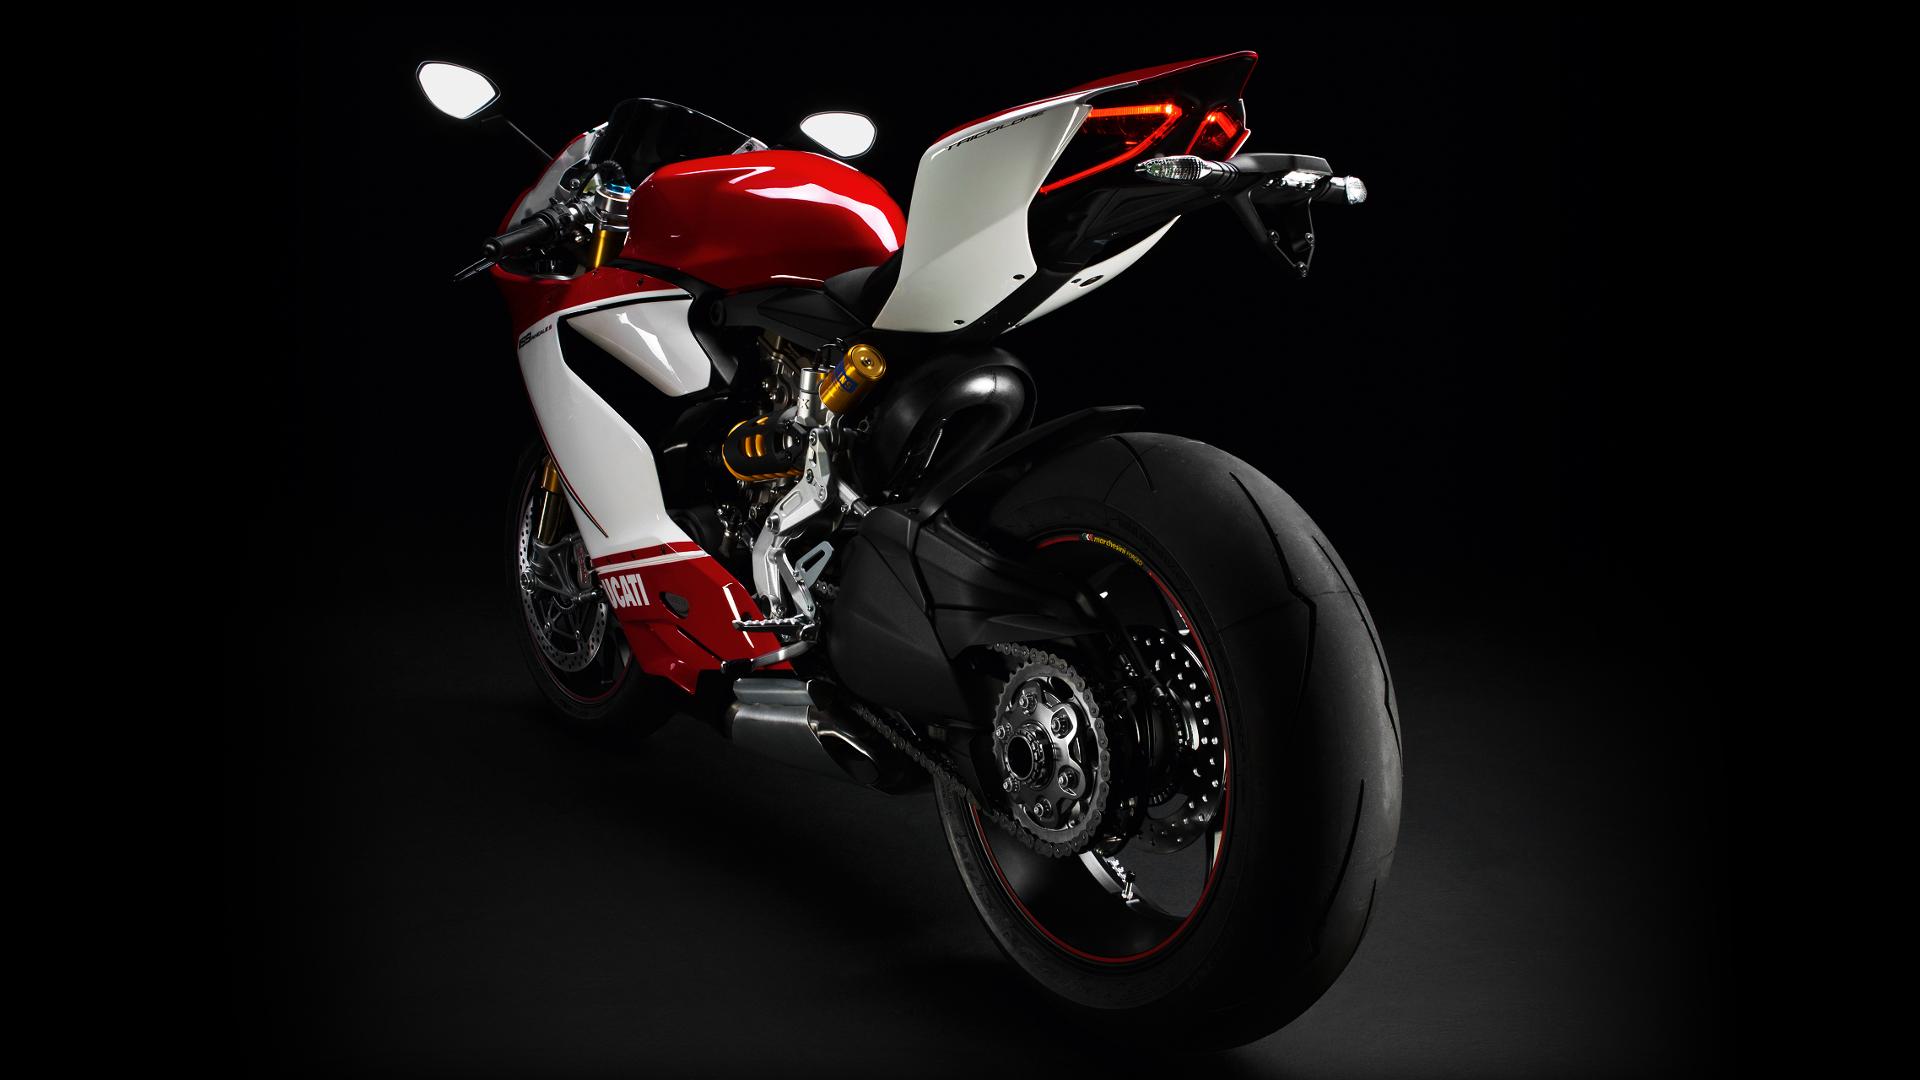 Tìm hiểu Ducati 1199 Panigale, siêu xe trong vụ tai nạn với đoàn xe motor 9